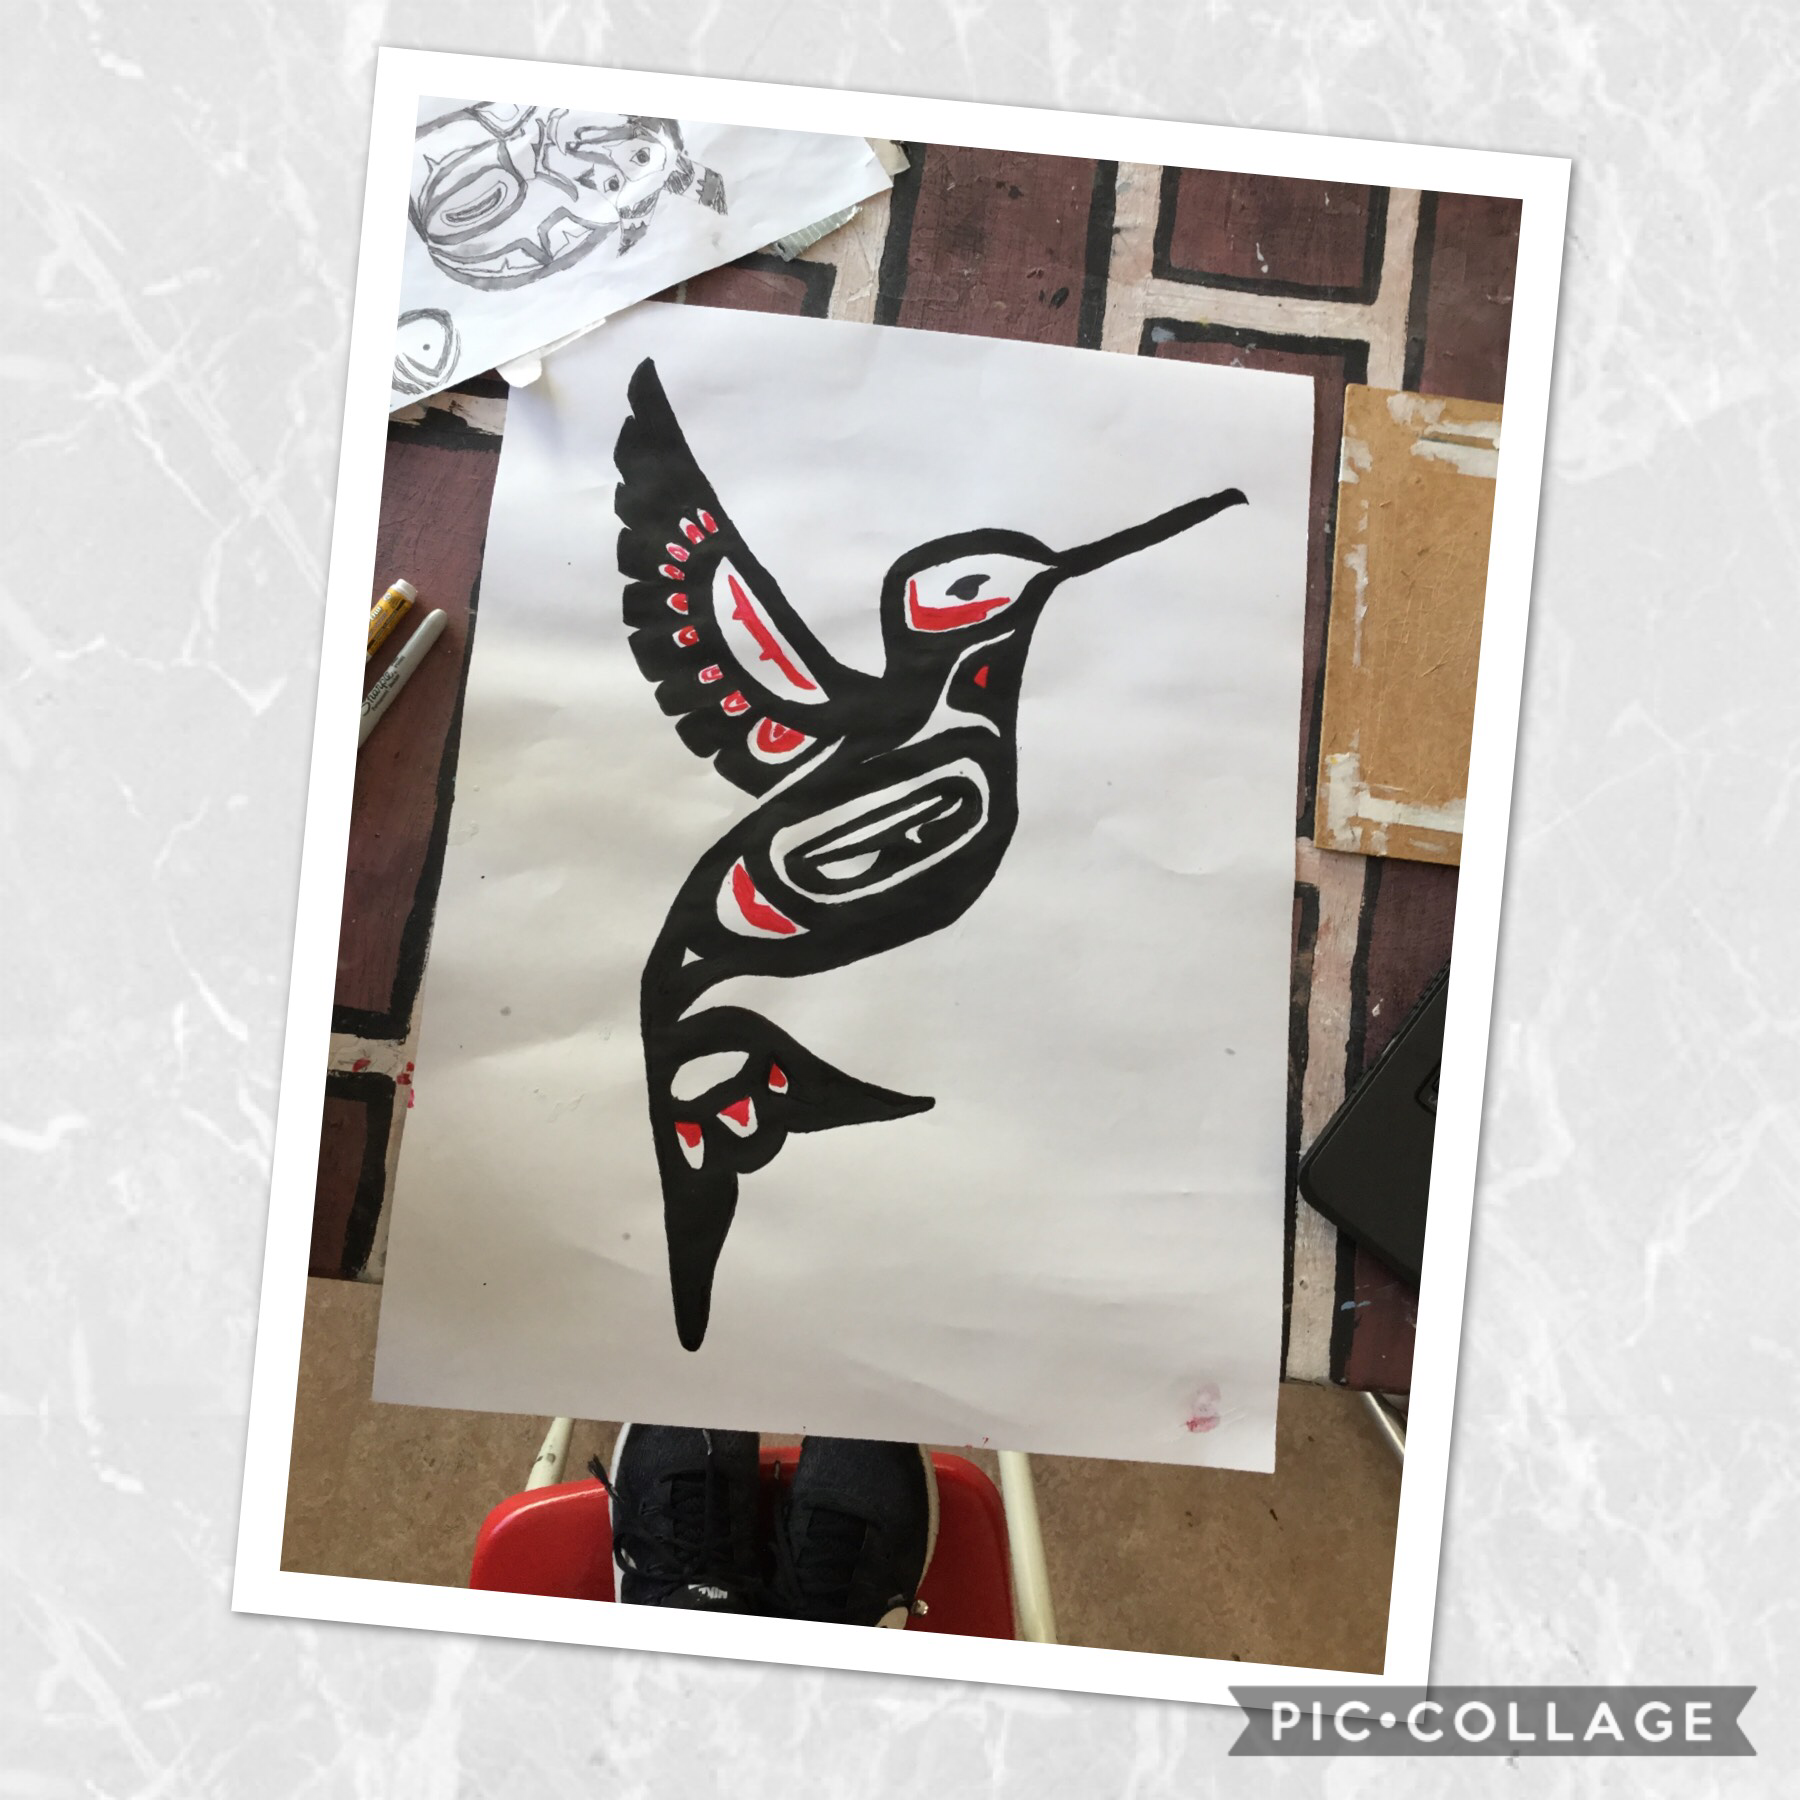 Who likes my art?